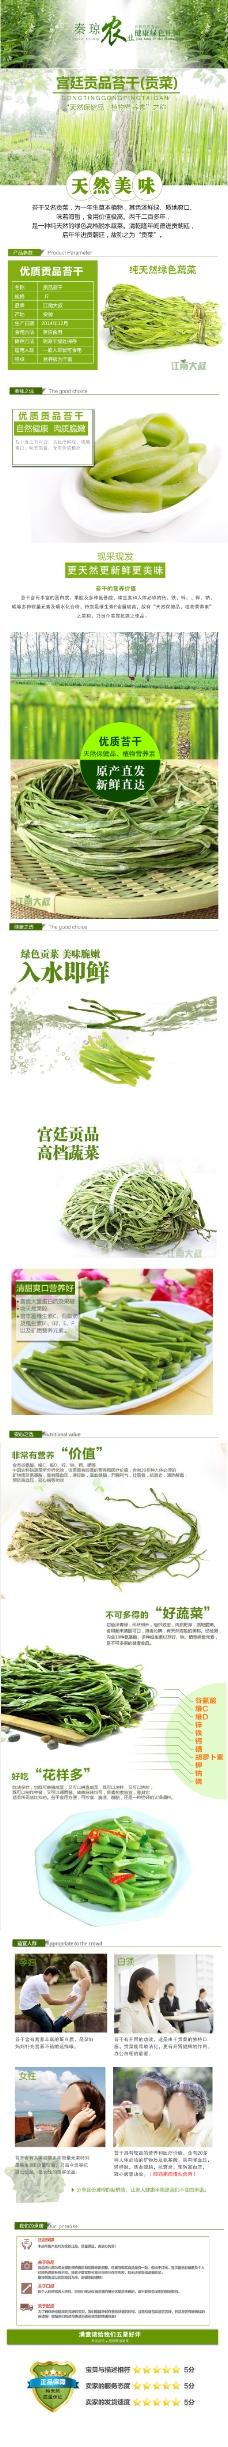 天然贡菜 苔干